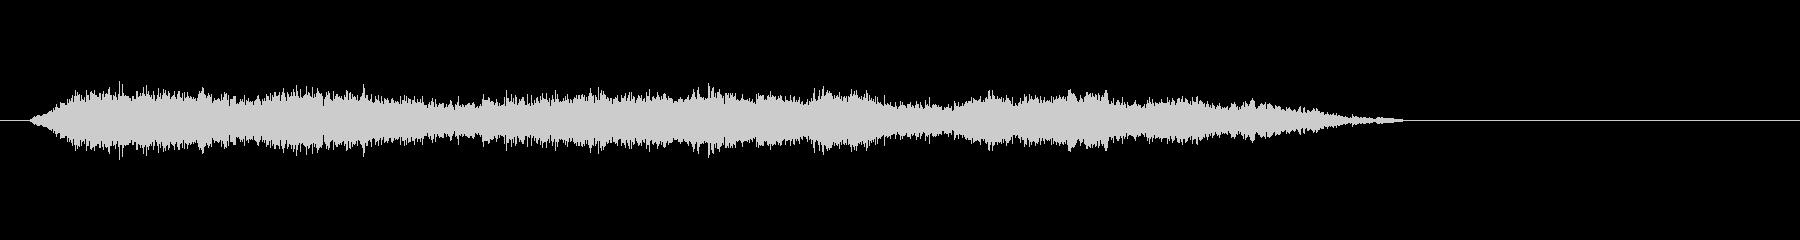 群集(100):ホイッスル/拍手、...の未再生の波形